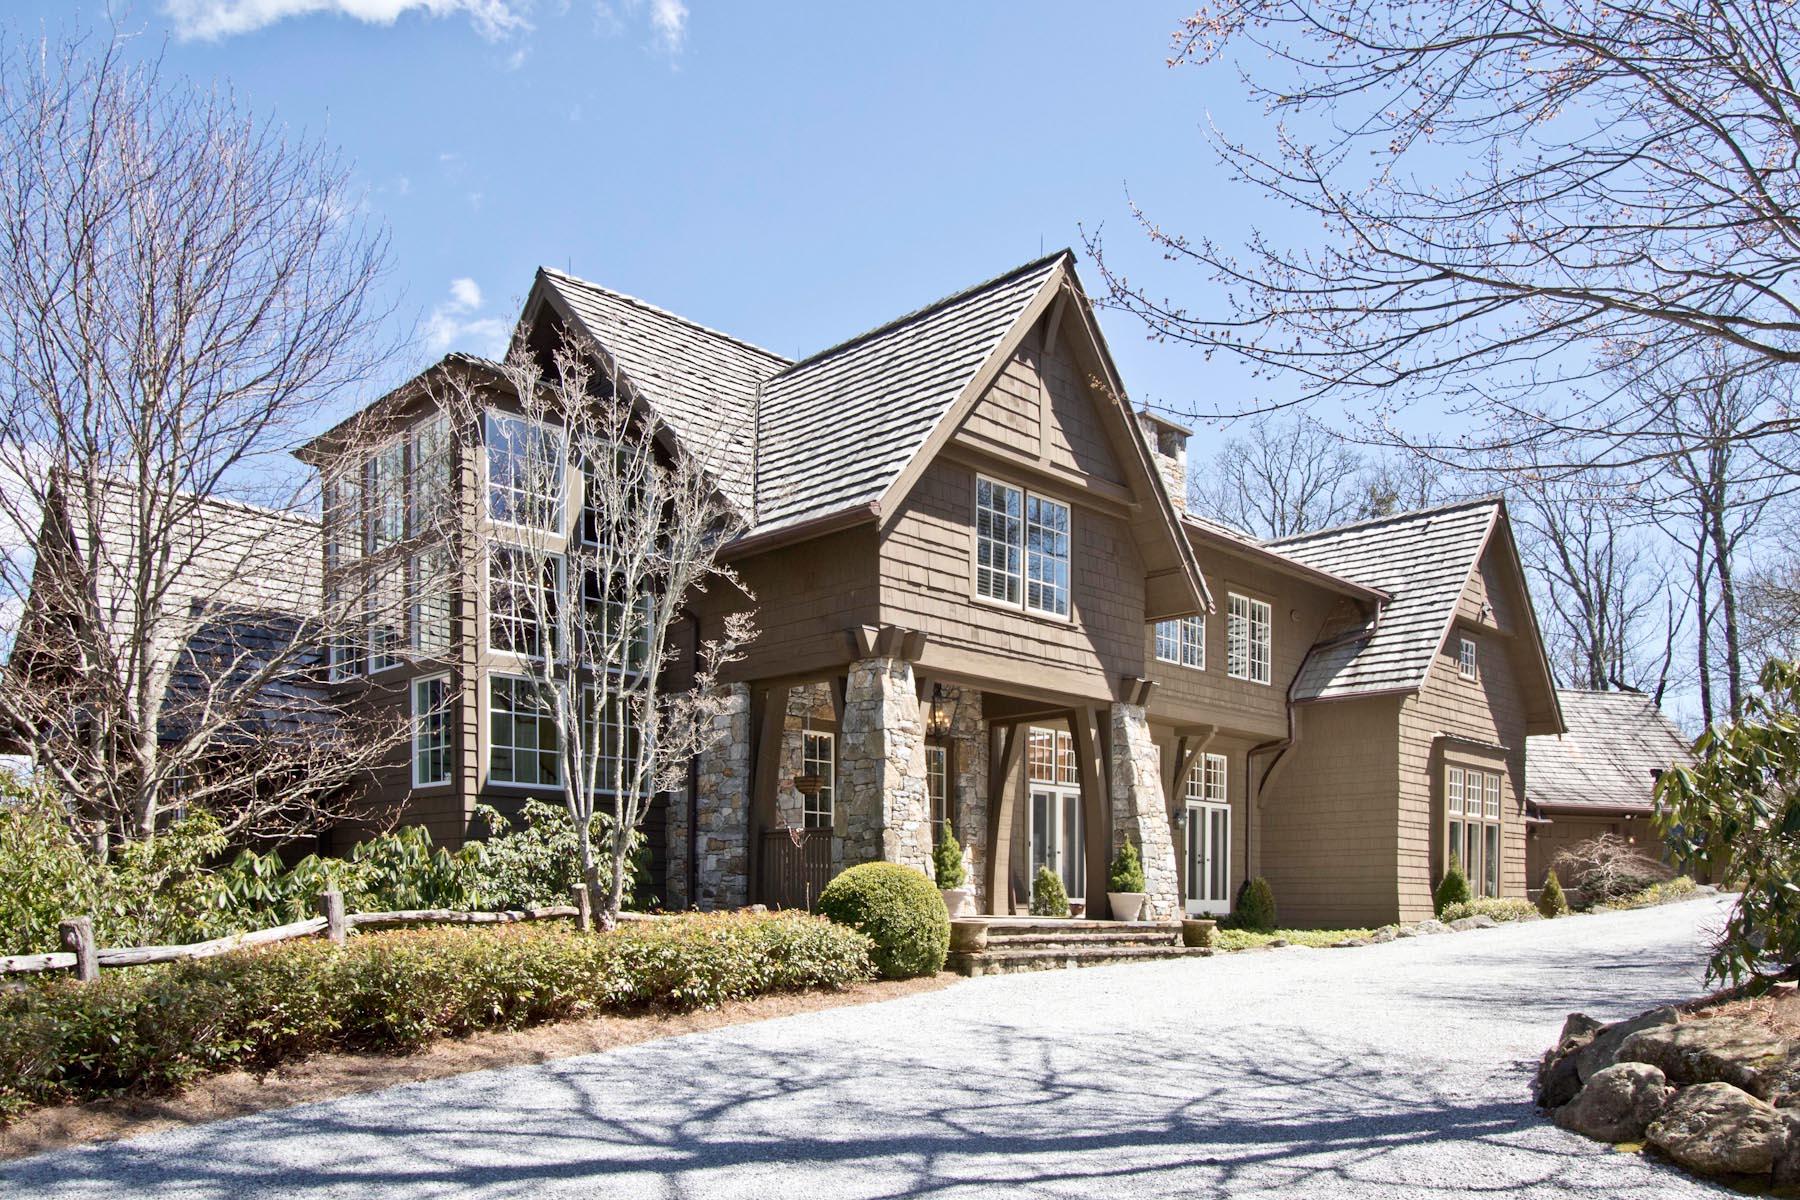 Частный односемейный дом для того Продажа на 90 Fodderstack Road Highlands, Северная Каролина, 28741 Соединенные Штаты